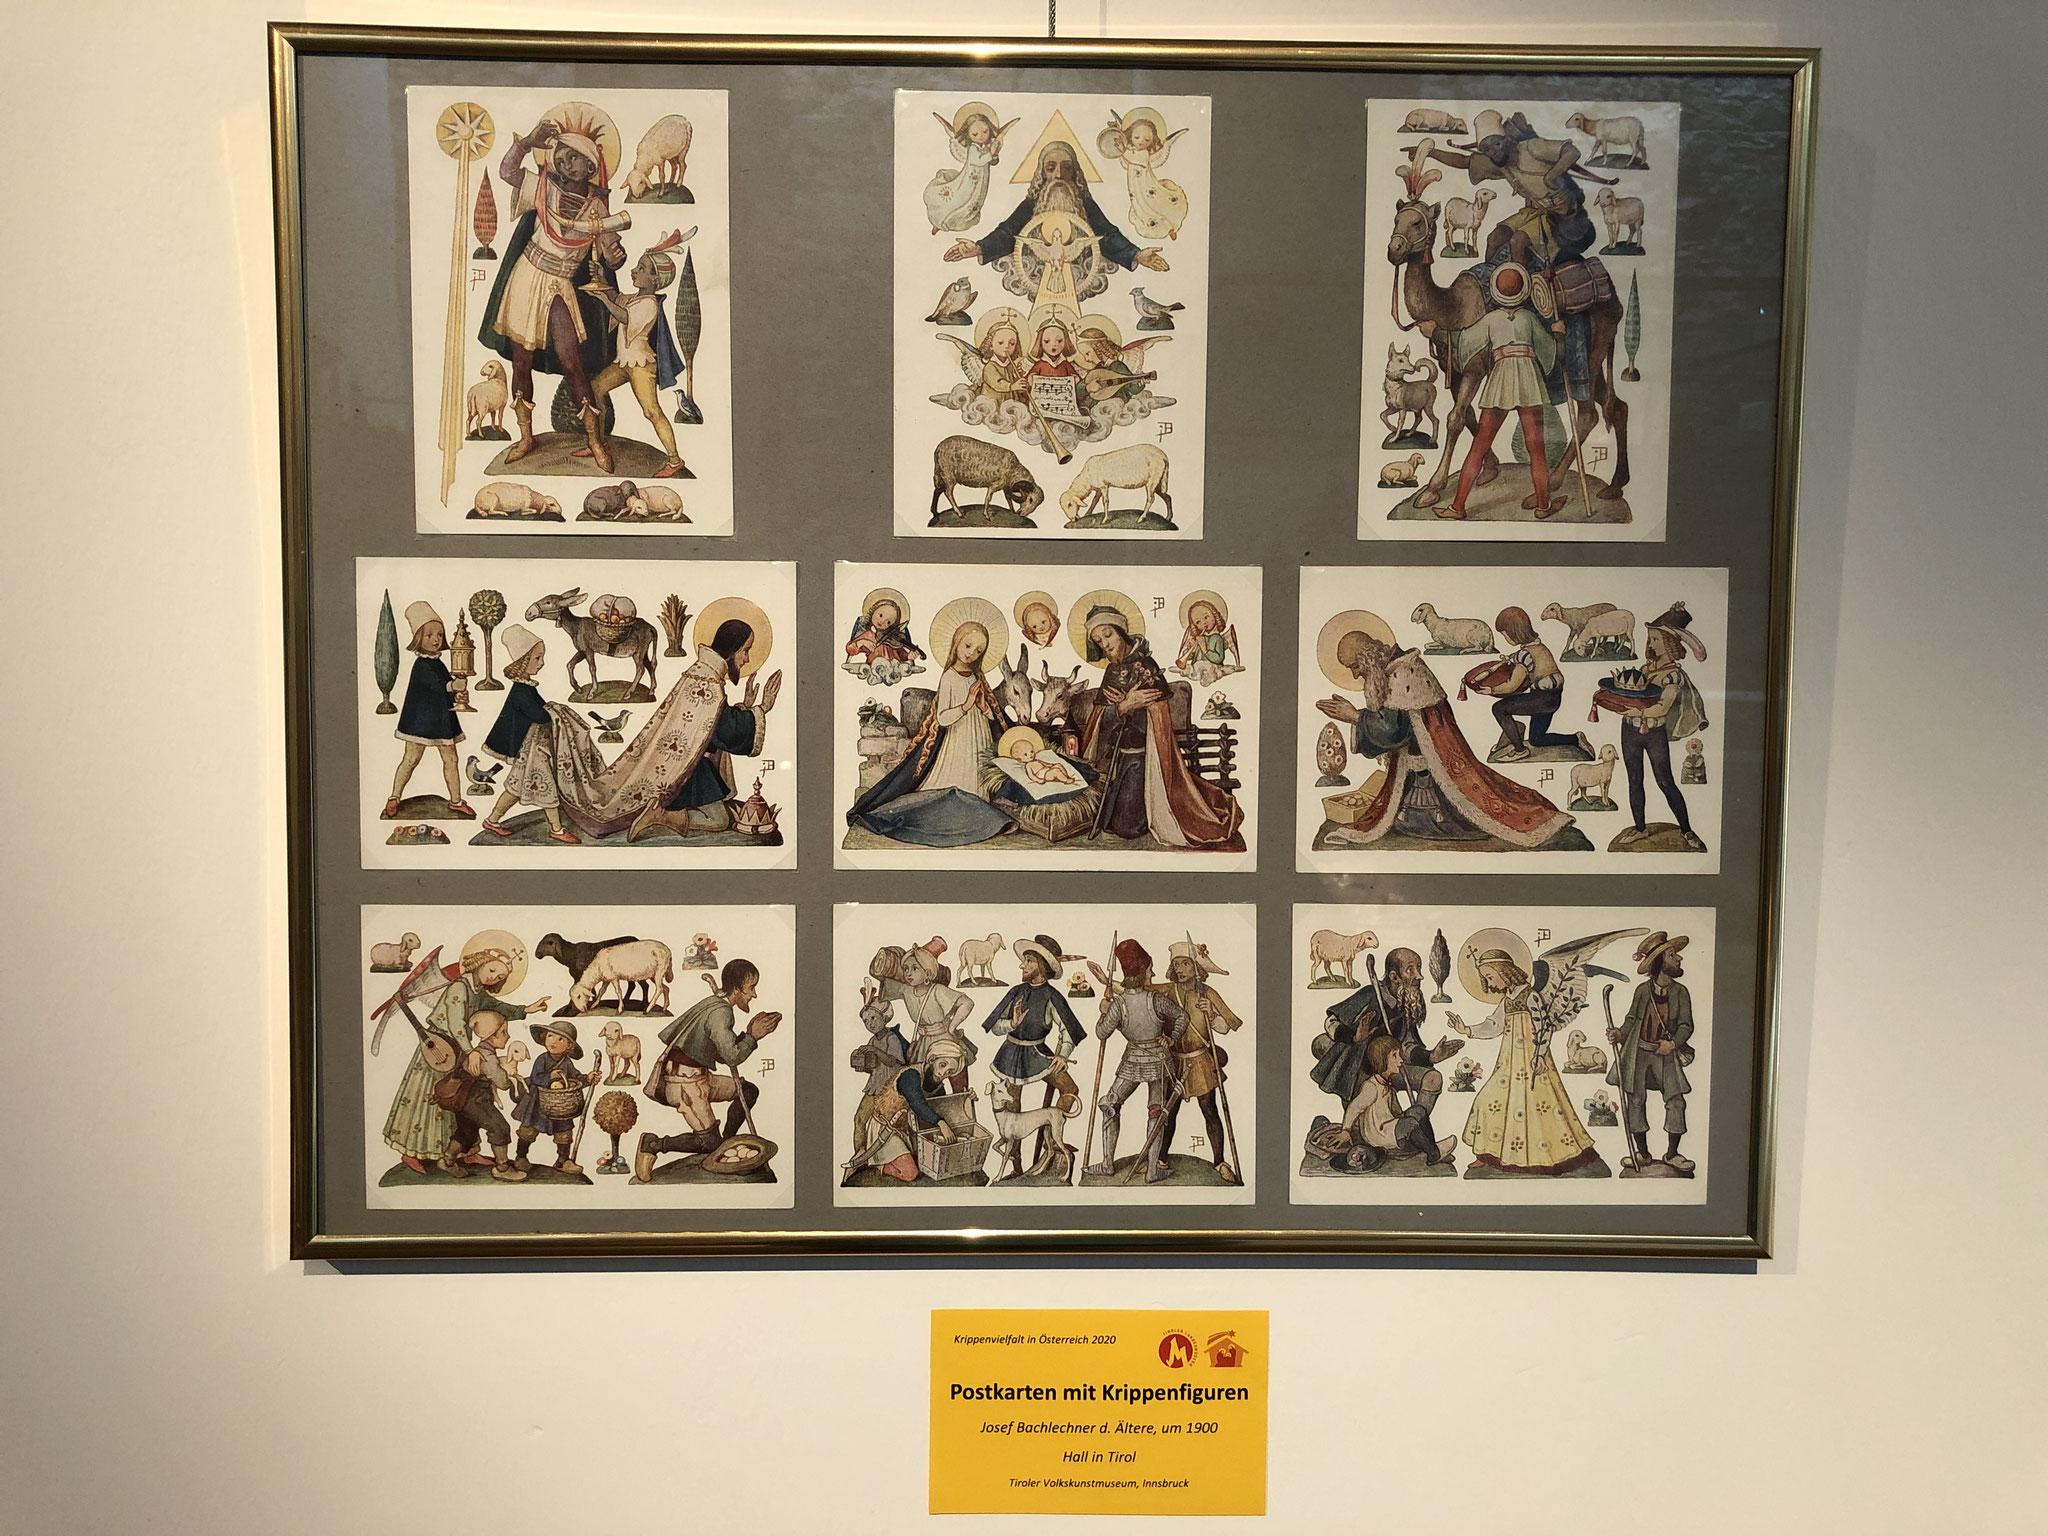 Postkarten mit Krippenfiguren, Josef Bachlechner d. Ältere, um 1900, Hall in Tirol